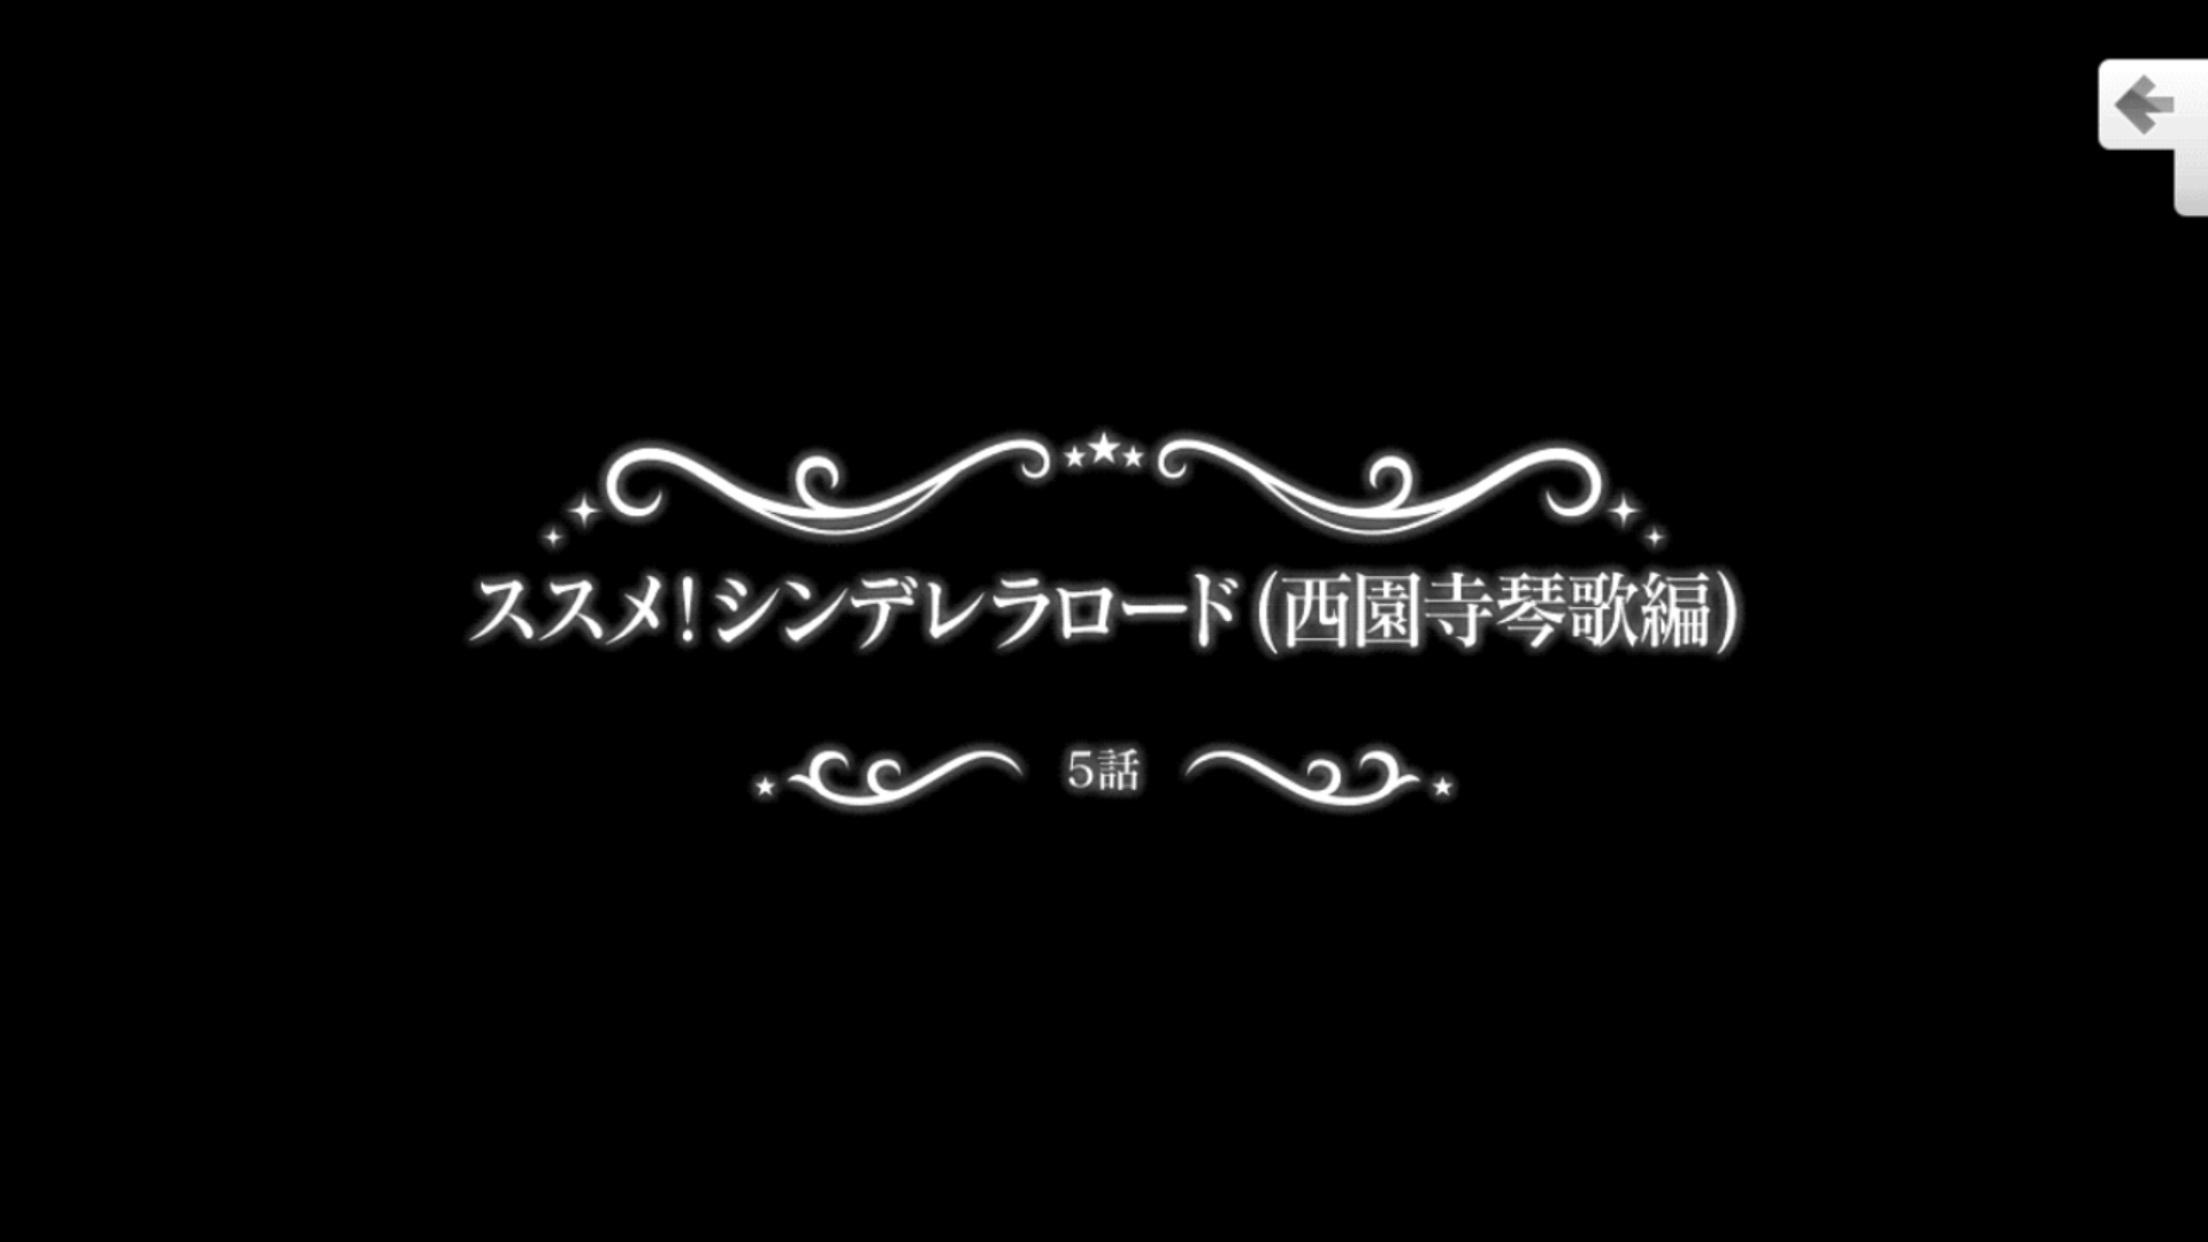 2018. 7. 나아가라! 신데렐라 로드: 사이온지 코토카 ..